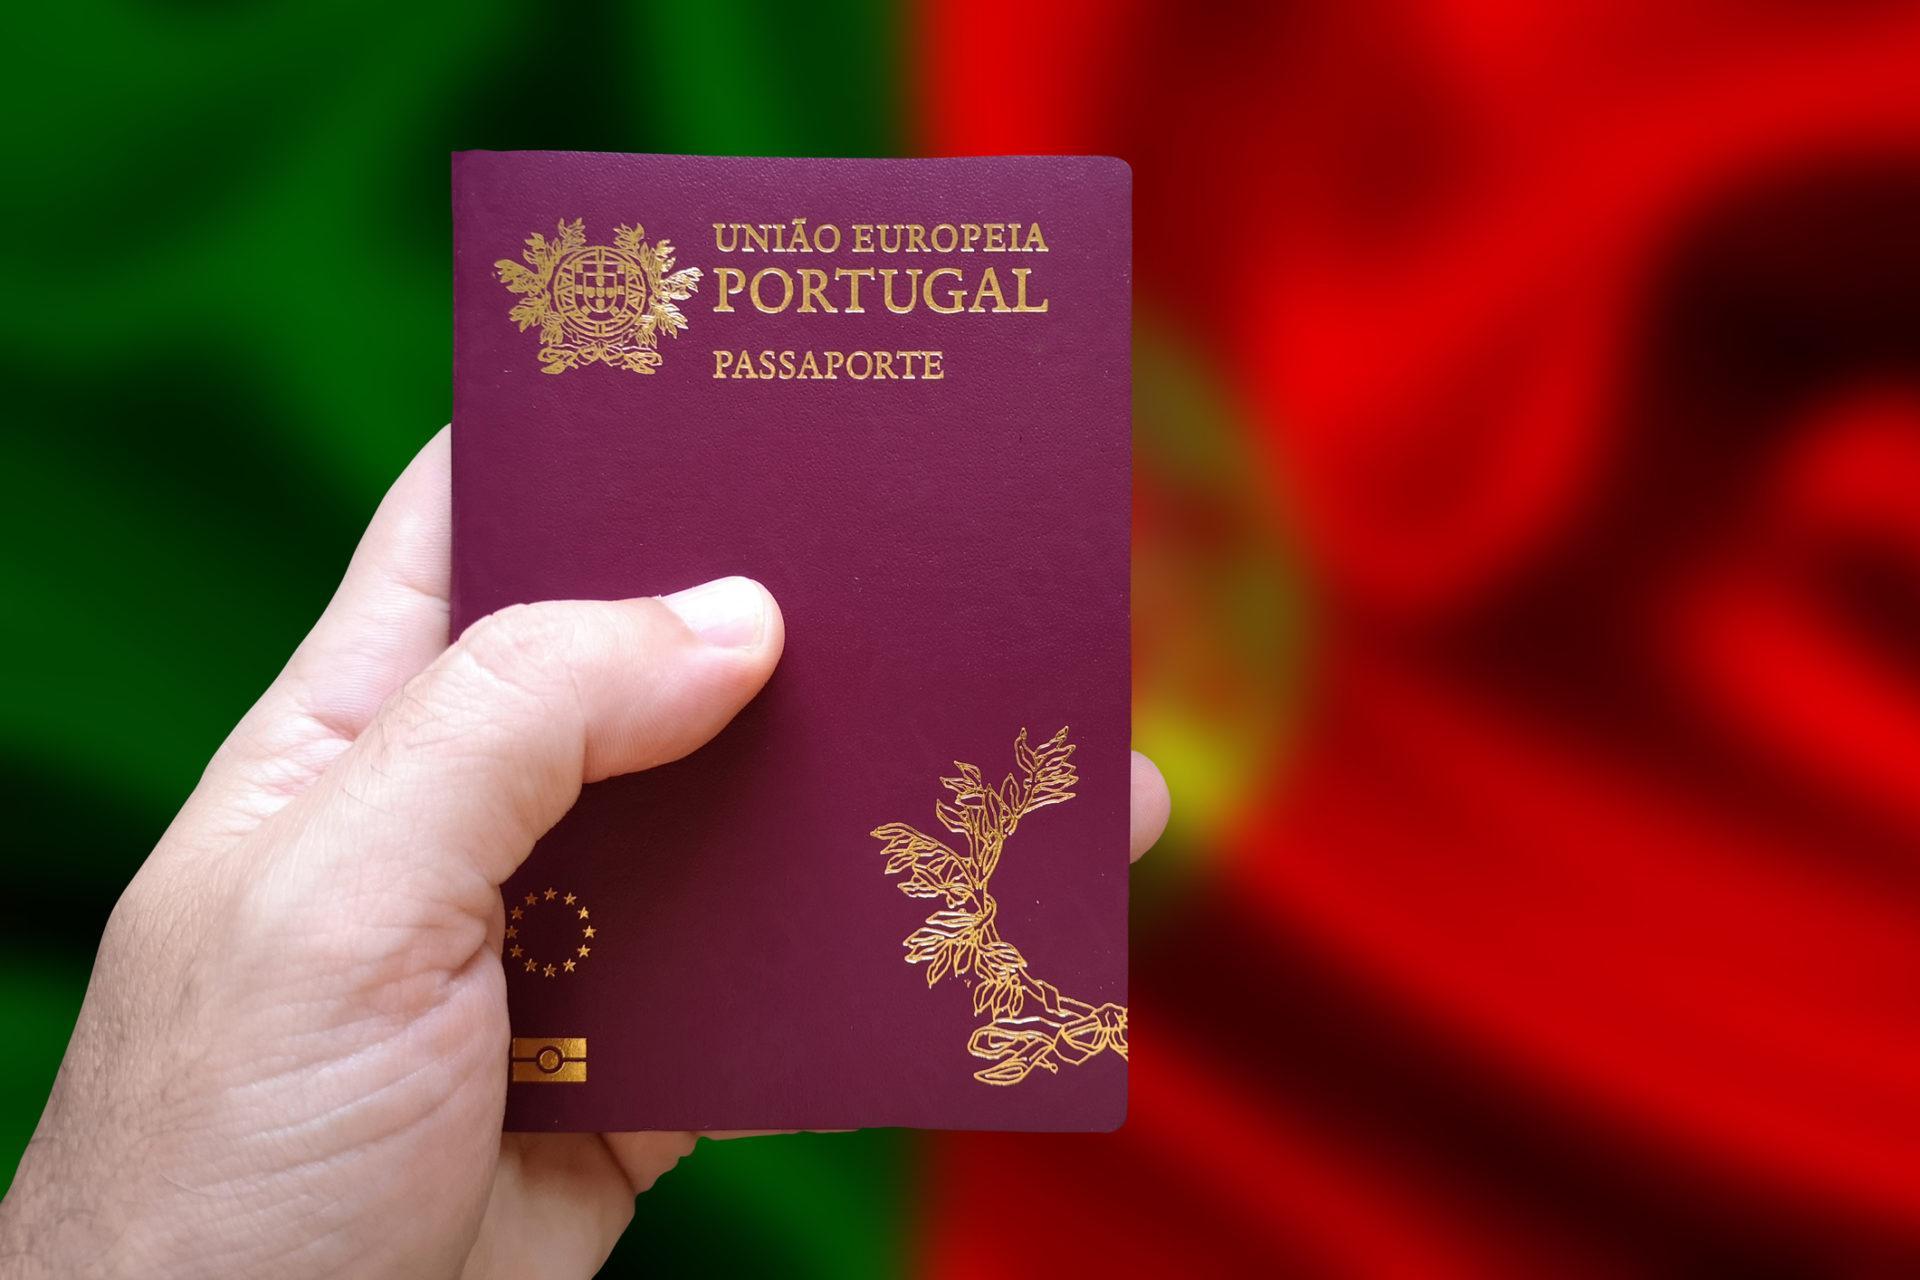 מדוע הליך הוצאת דרכון פורטוגלי הוא קל ופשוט